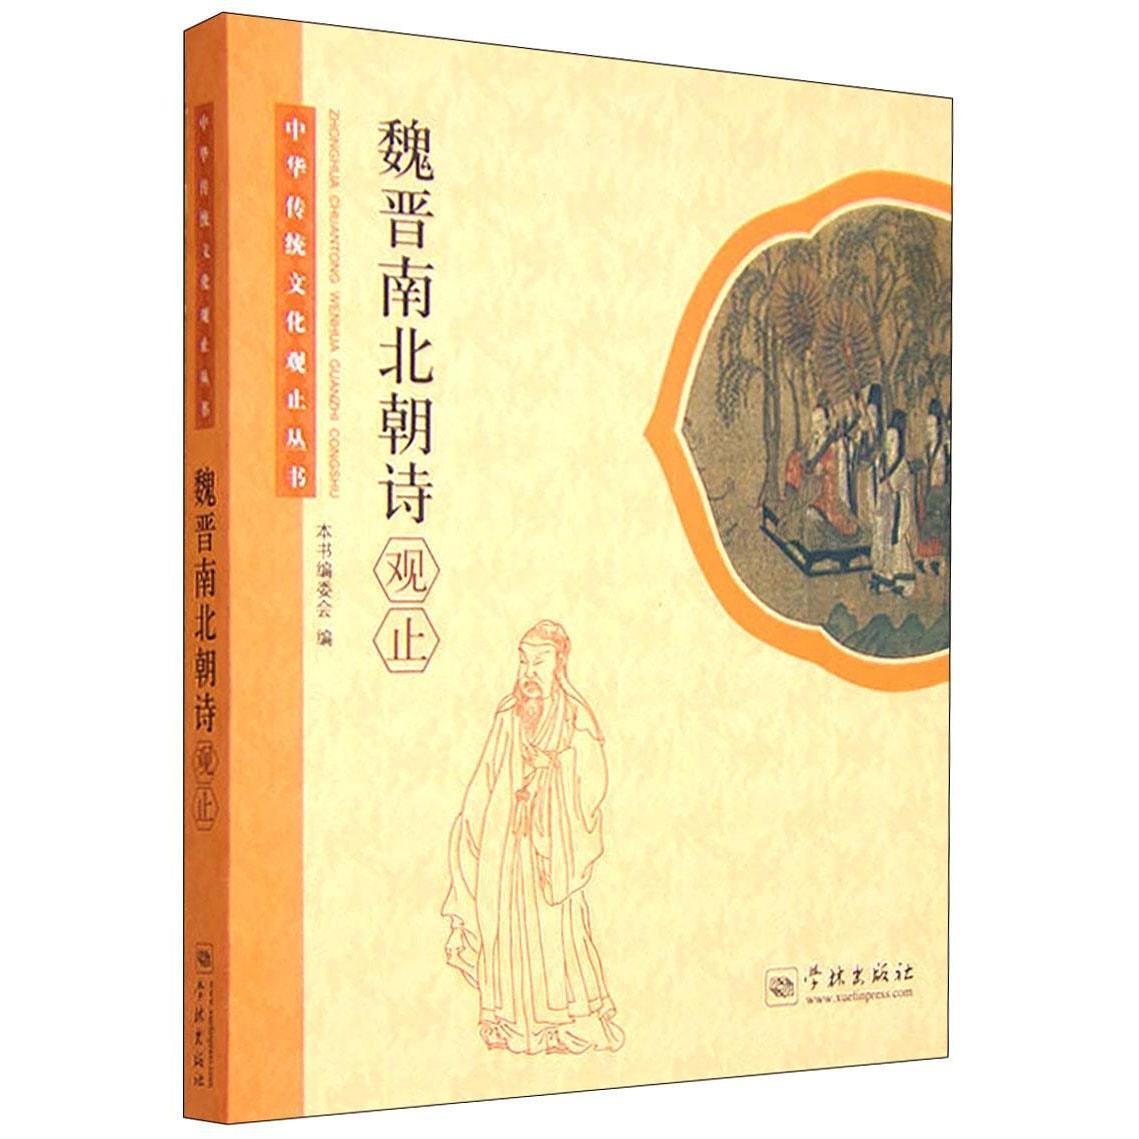 中华传统文化观止丛书:魏晋南北朝诗观止 怎么样 - 亚米网